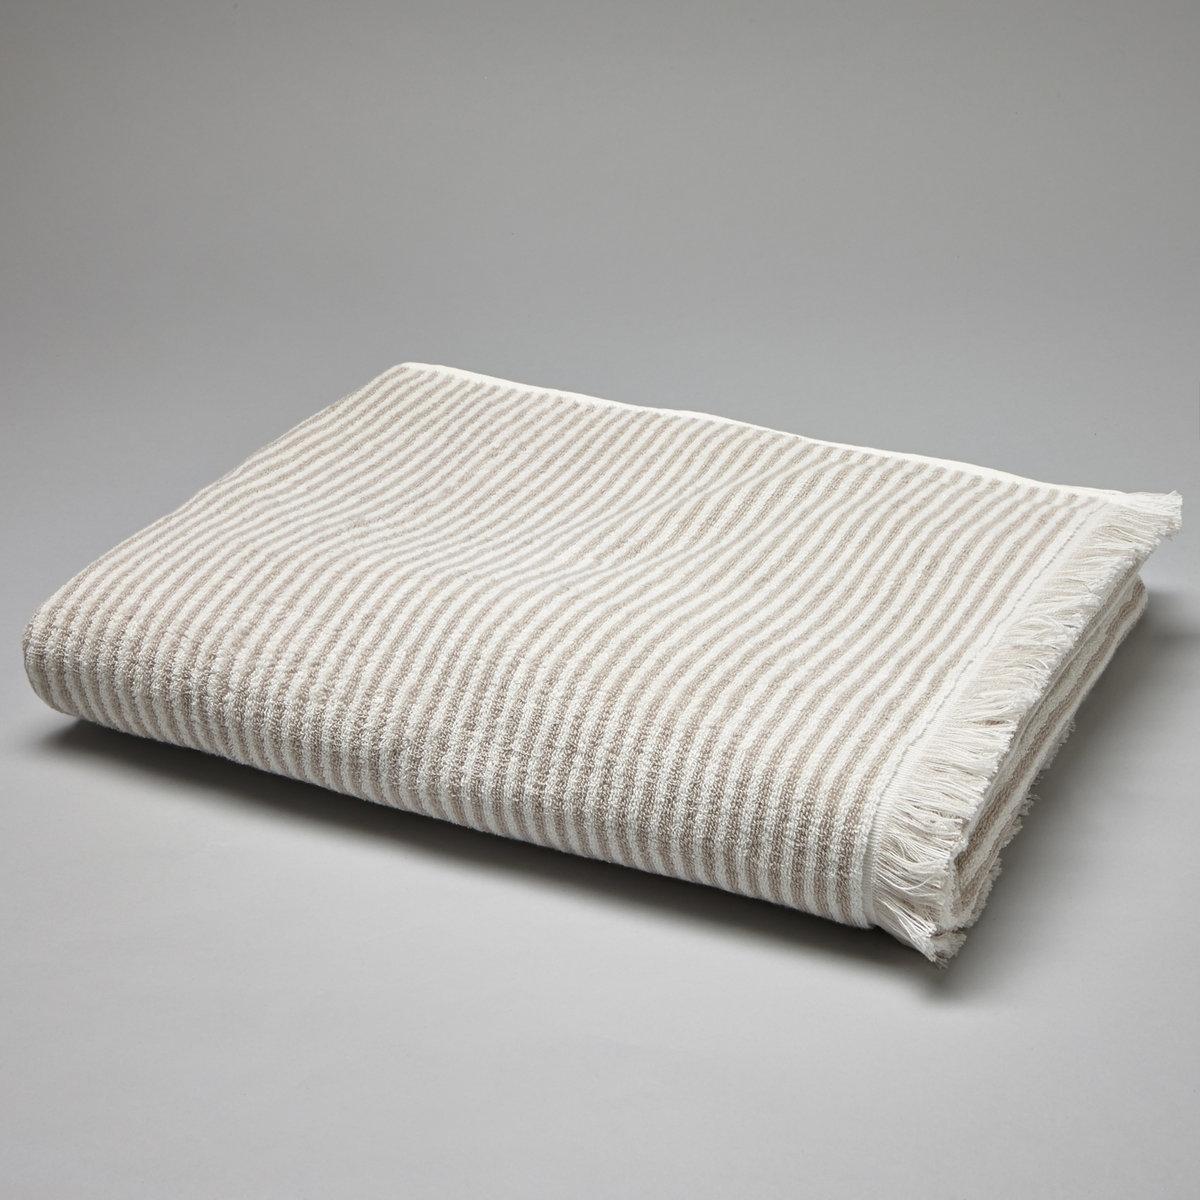 Полотенце банное в полоску из махровой ткани HARMONYОписание:Красивый и элегантный рисунок в полоску, банное полотенце из махровой ткани Harmony современных и оригинальных расцветок. Сделано в Португалии.Характеристики банного полотенца Harmony :Махровая ткань с жаккардовым рисунком, 100% хлопок, 500 г/м?.Рисунок в полоску на белом фоне, отделка бахромой.Машинная стирка при 60° и барабанная сушка.Размеры банного полотенца Harmony :70 x 140 смОткройте для себя всю коллекцию Harmony на сайте laredoute.ruЗнак Oeko-Tex® гарантирует, что товары протестированы и сертифицированы и не содержат вредных для здоровья веществ.<br><br>Цвет: серо-бежевый,Серо-синий<br>Размер: 70 x 140  см